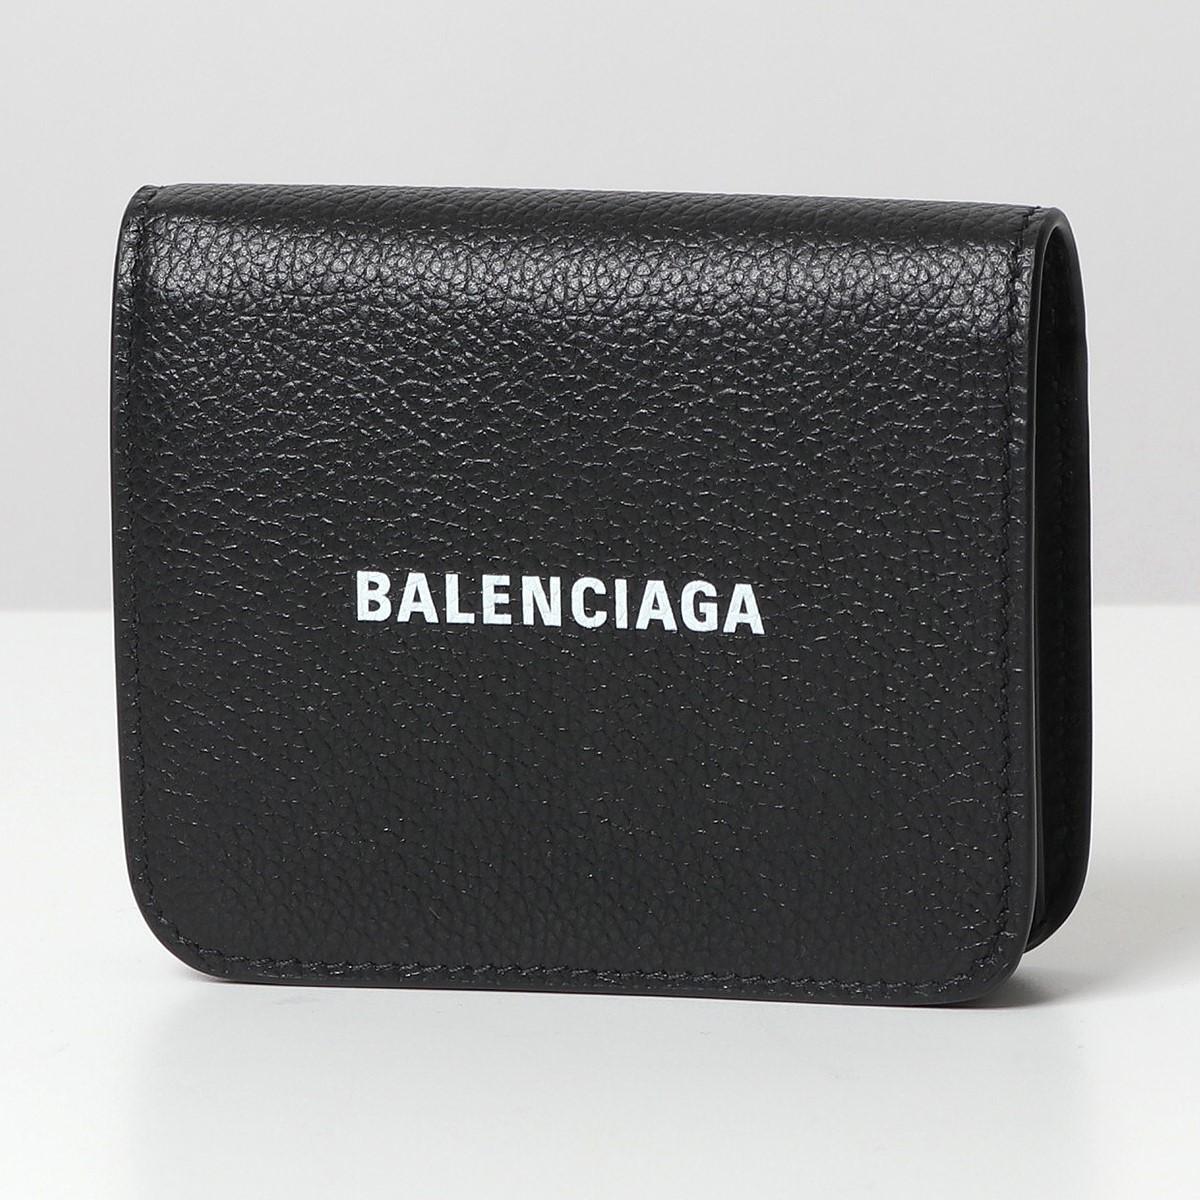 BALENCIAGA バレンシアガ 594216 1IZ4M レザー 二つ折り財布 ミニ財布 豆財布 1090/BLACK-L-WHITE レディース